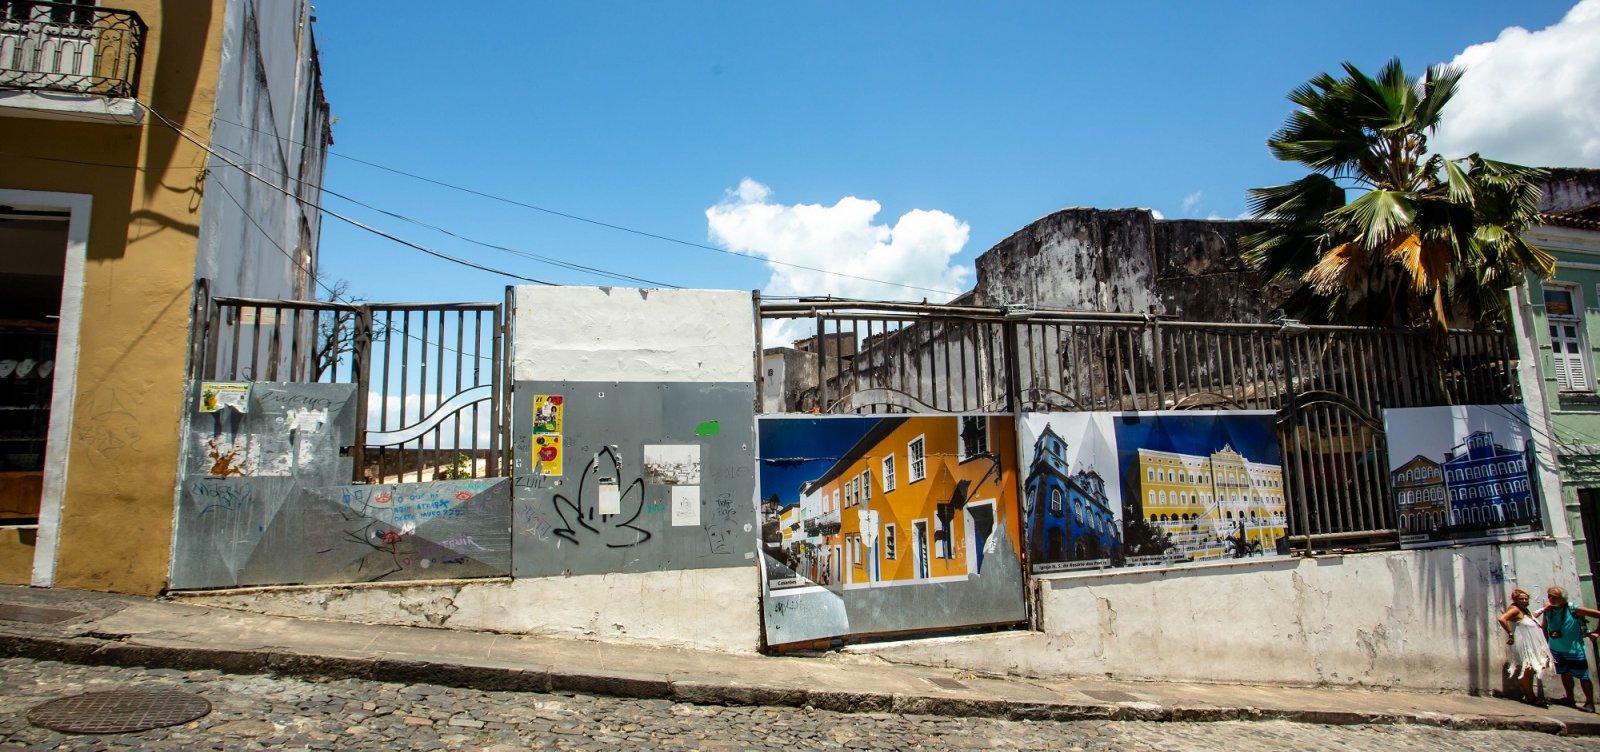 Abandonada, Praça do Reggae comemora 20 anos como depósito de lixo